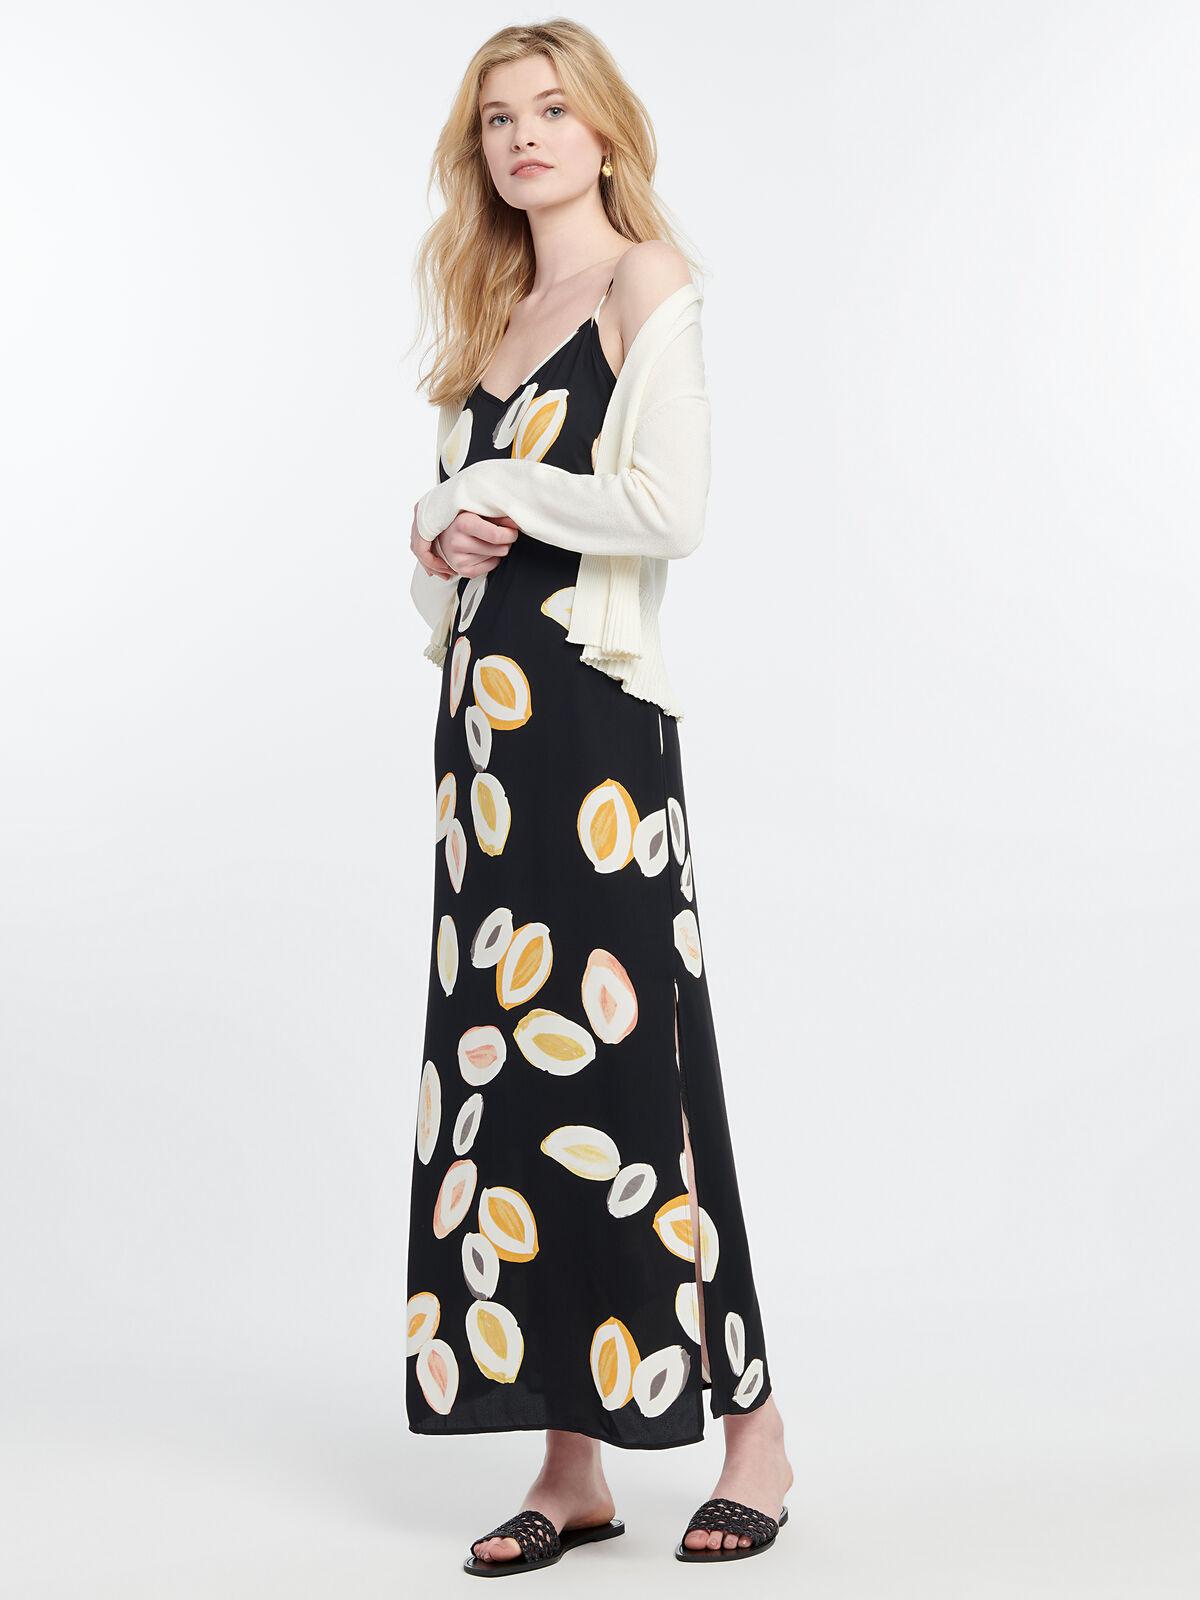 LEMON SQUEEZE DRESS